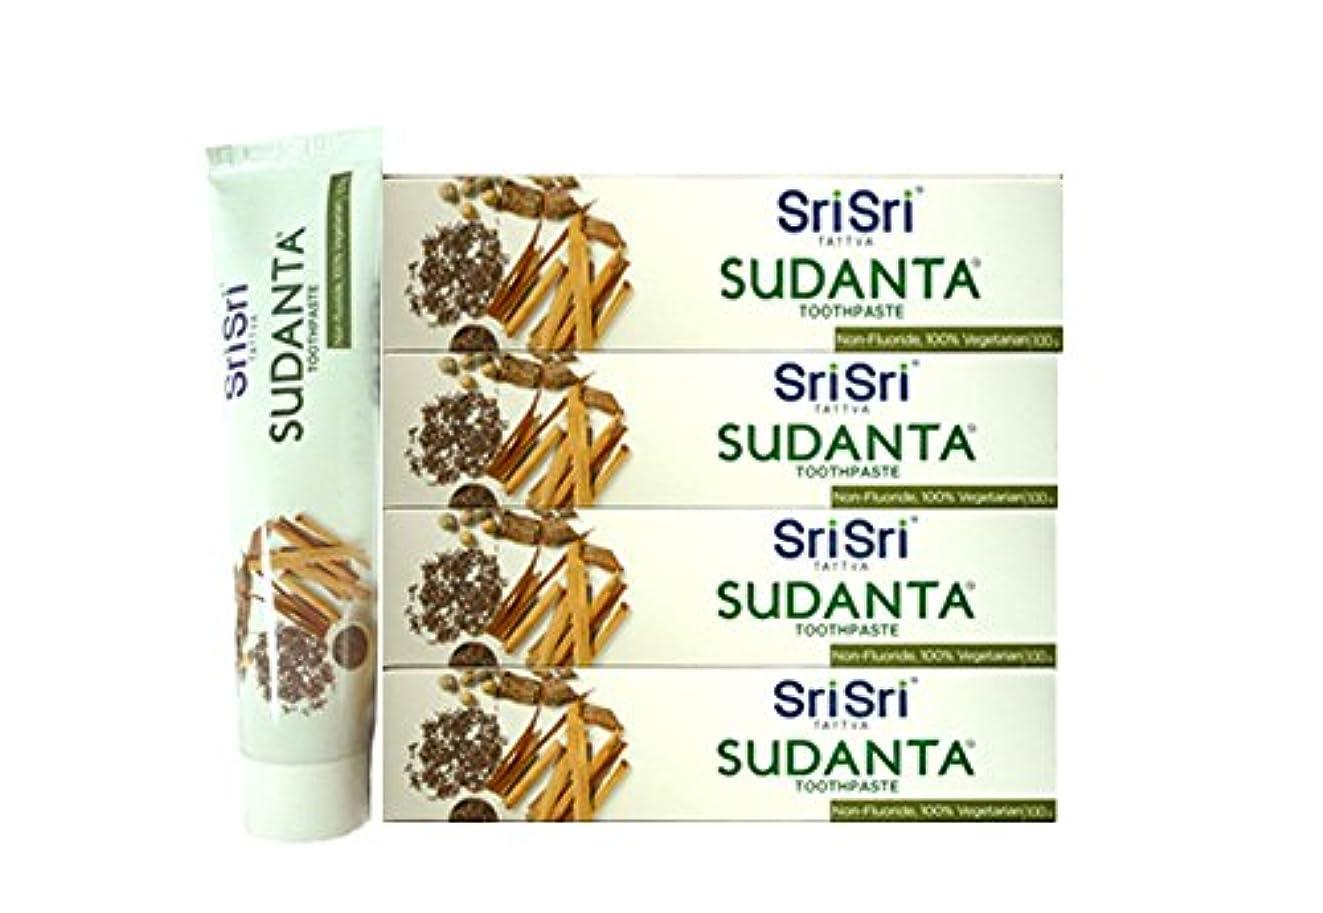 だます爆発物冷凍庫シュリ シュリ アーユルヴェーダ スダンタ 磨き粉 100g*4SET Sri Sri Ayurveda sudanta toothPaste